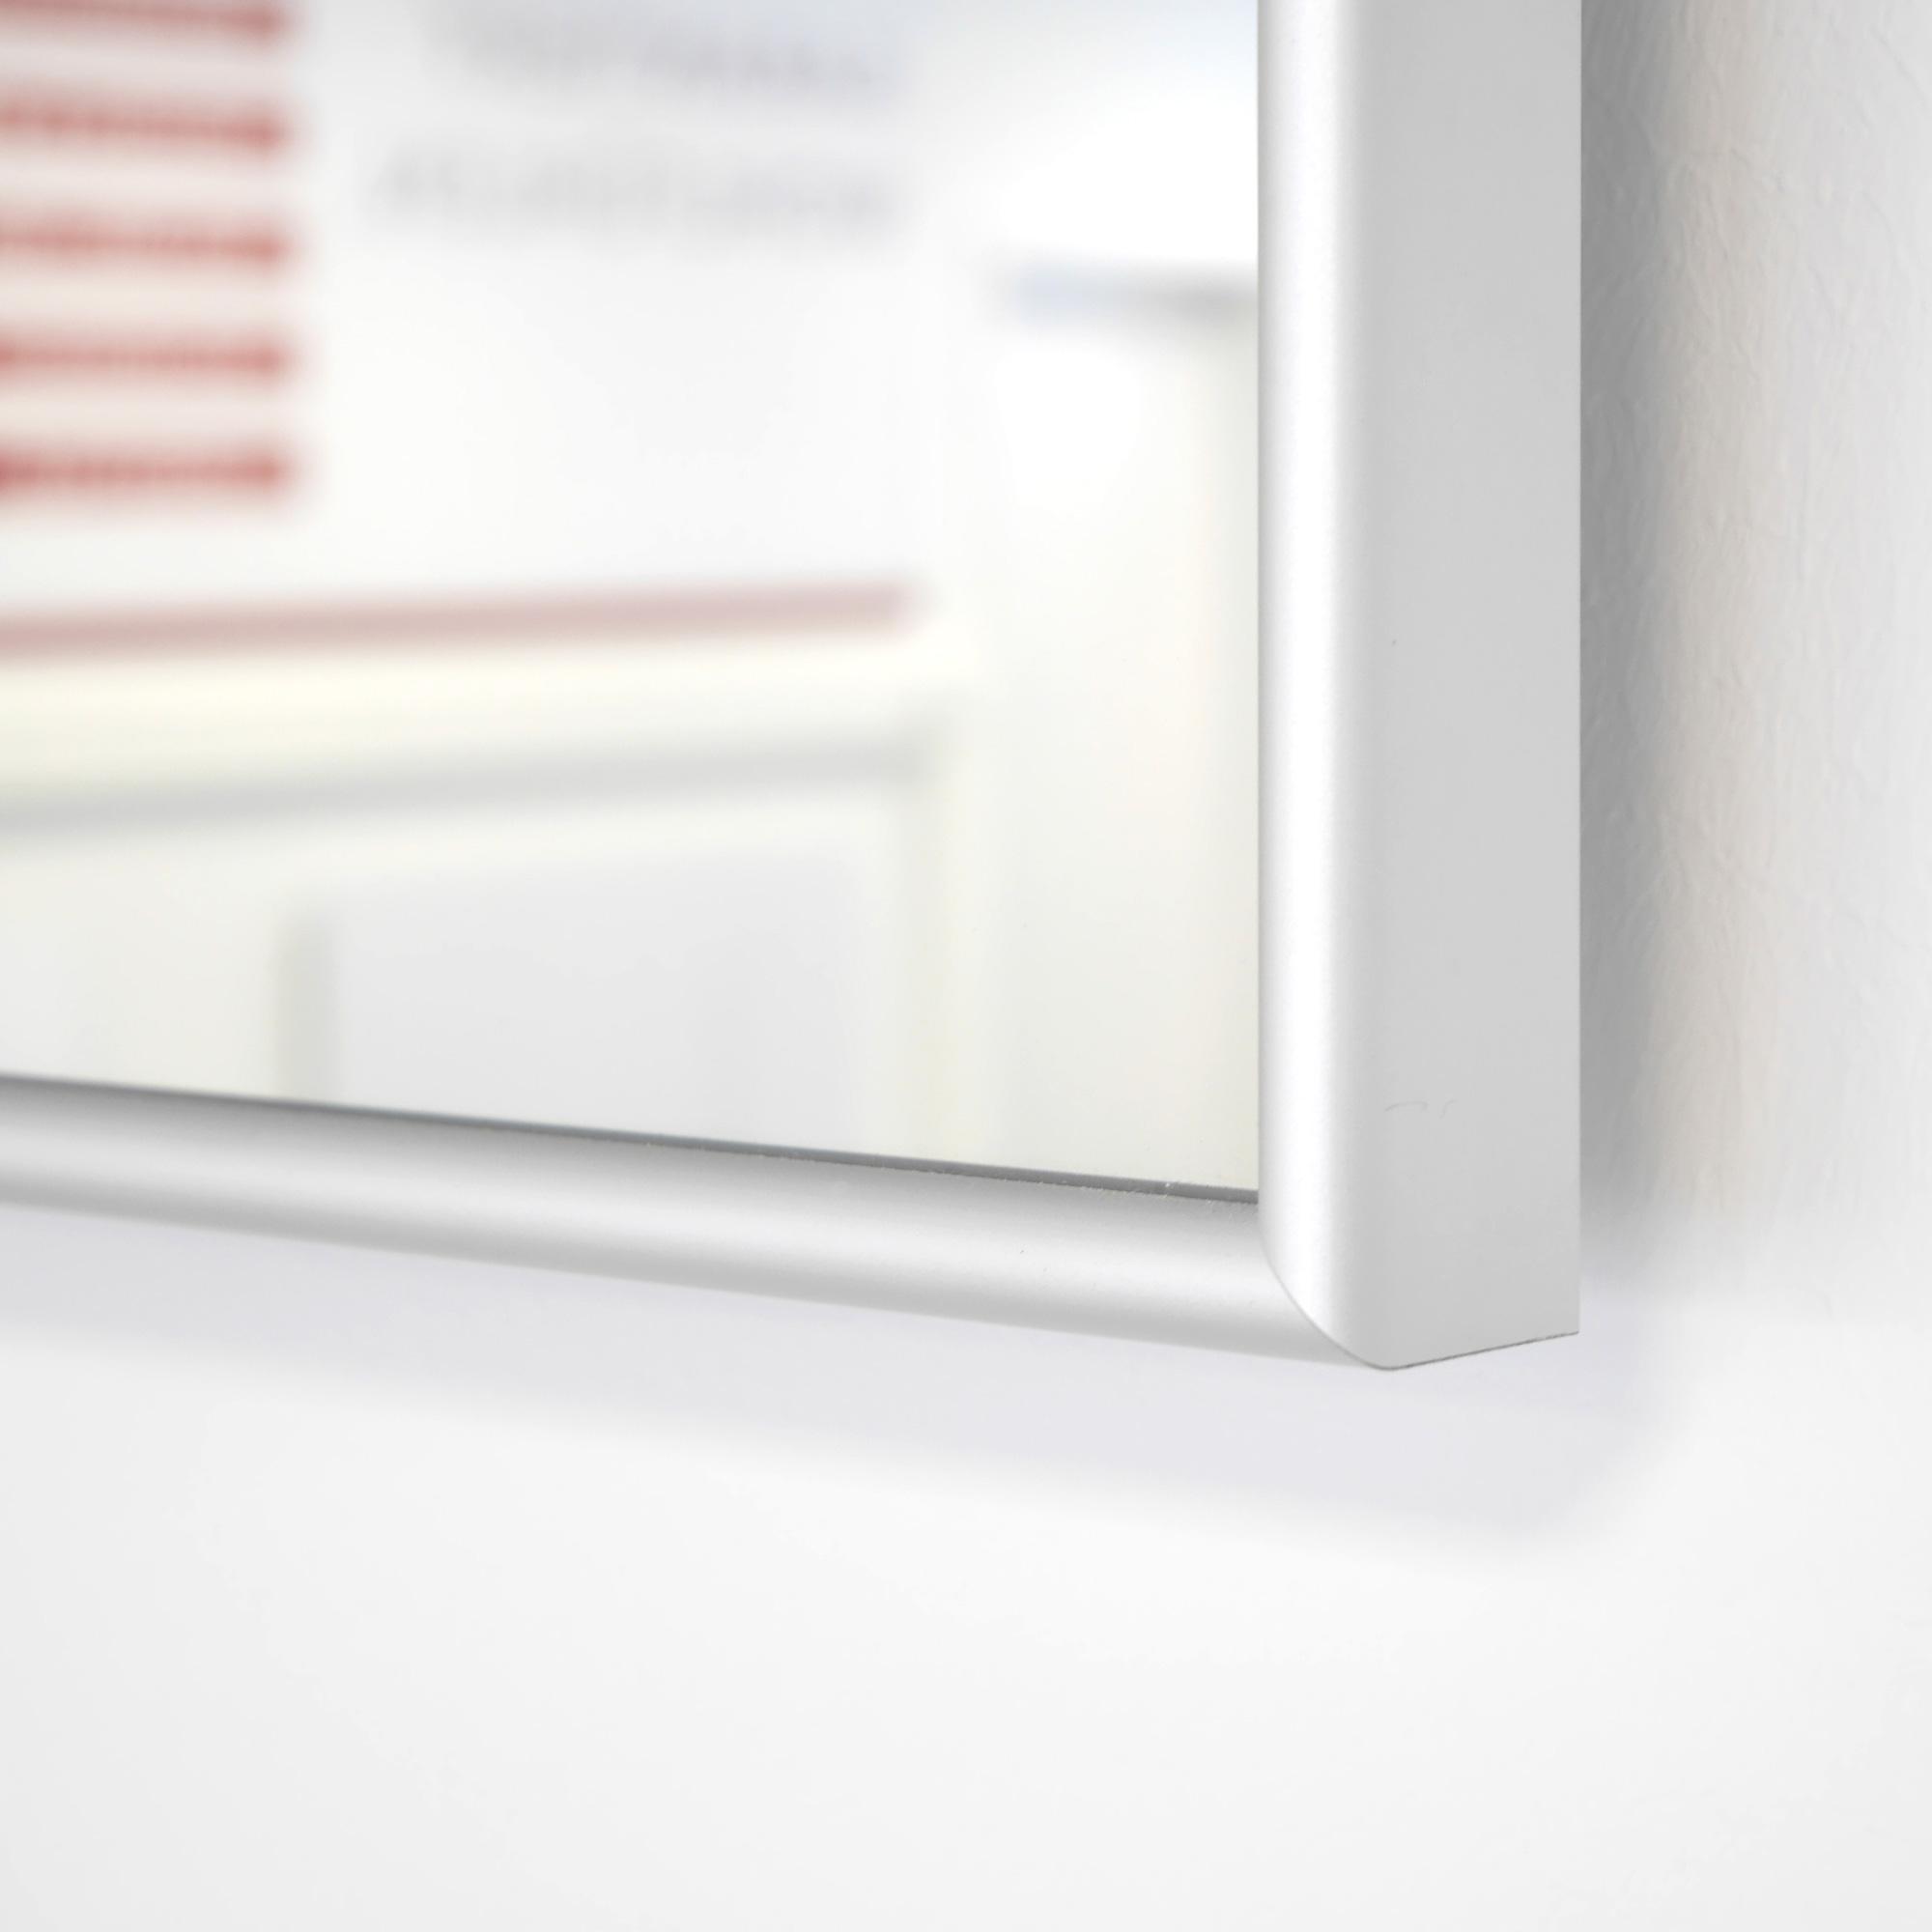 infrarotheizung spiegel modelle vasner zipris s sr. Black Bedroom Furniture Sets. Home Design Ideas